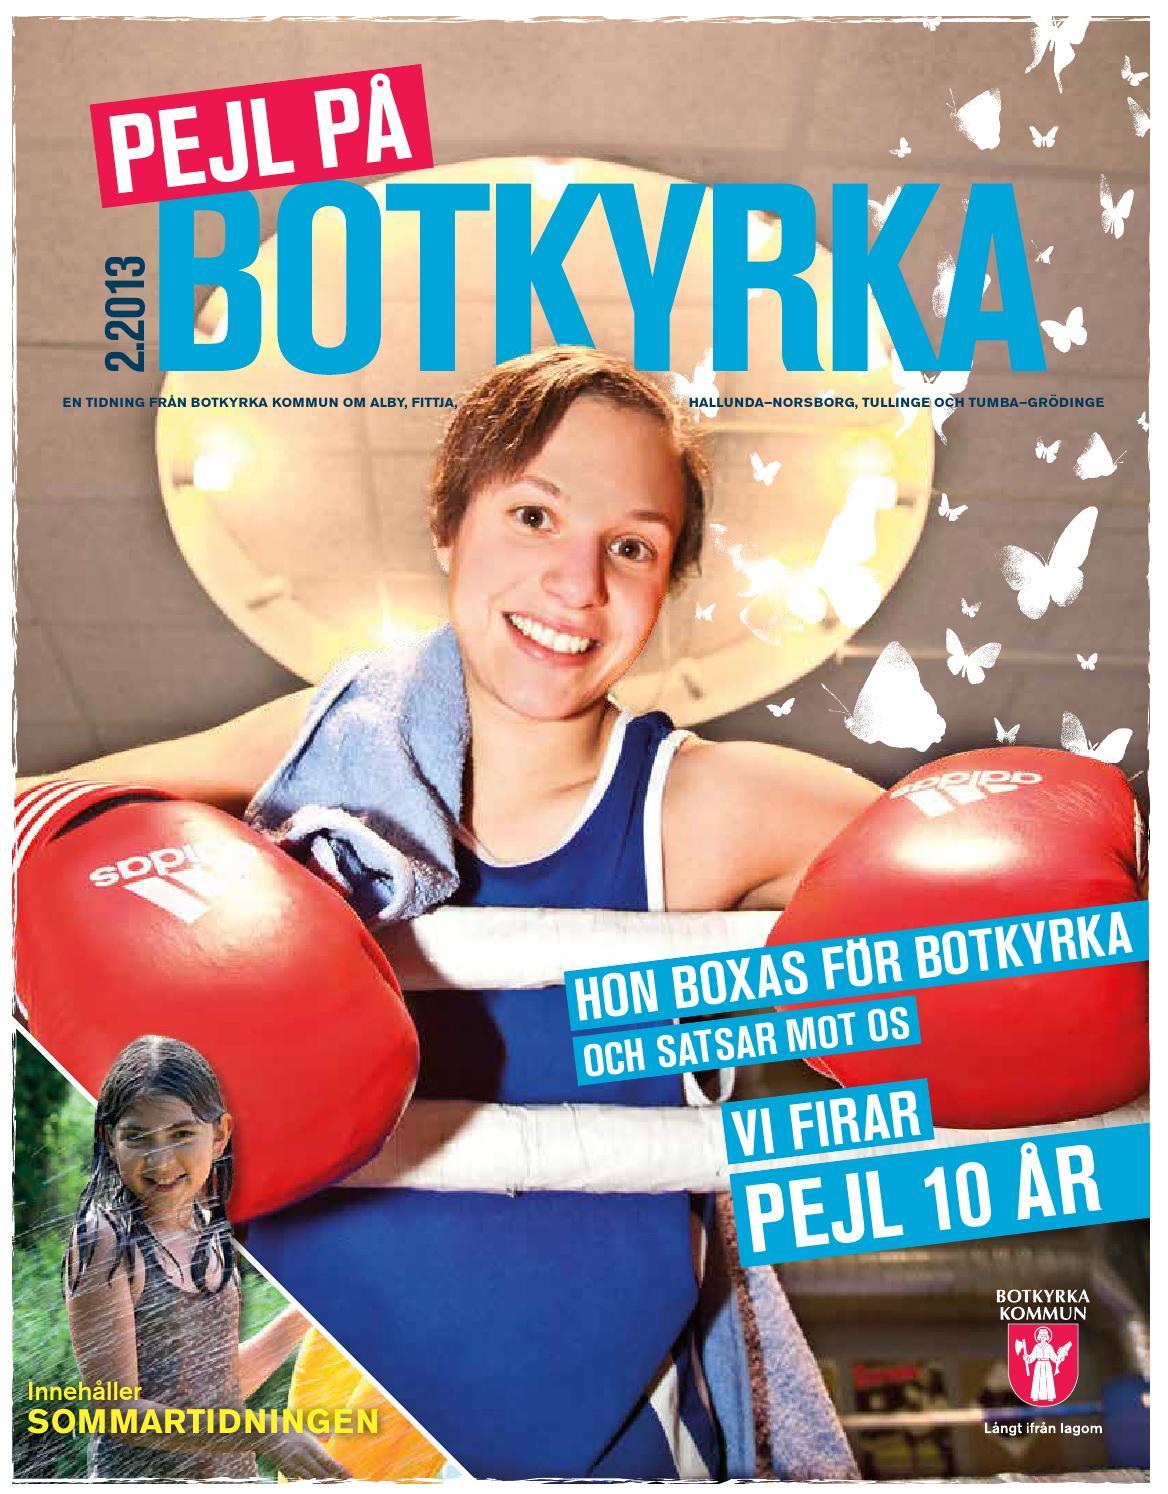 Botkyrka.se